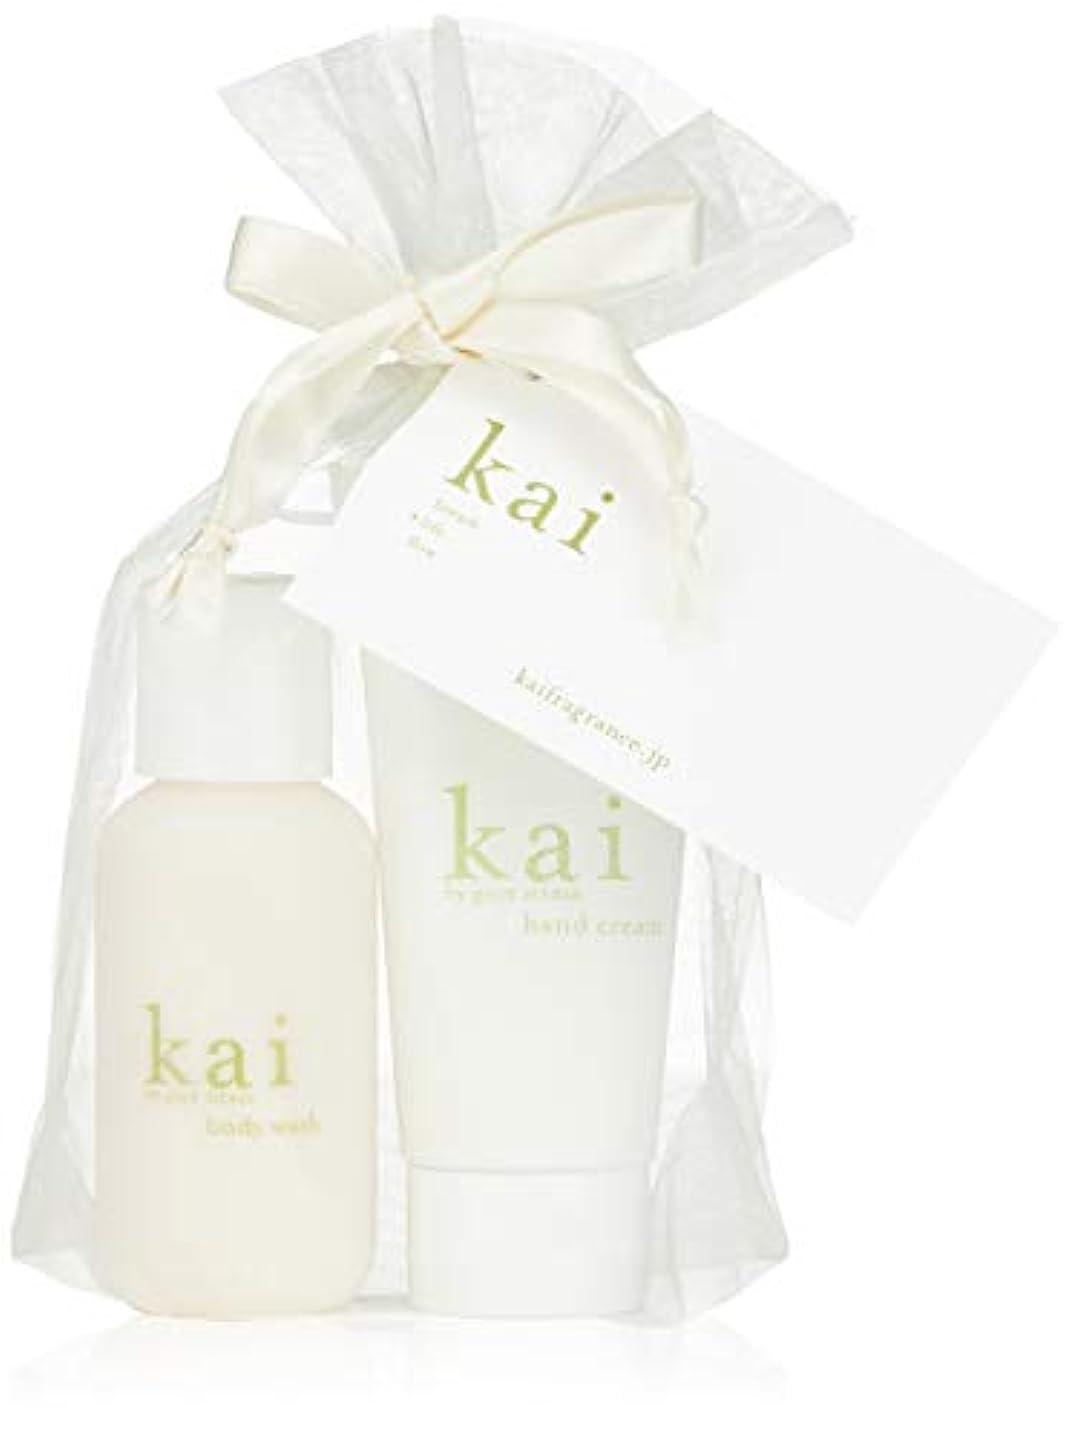 電化する履歴書漁師kai fragrance(カイ フレグランス) ハンドクリーム&ミニボディウォッシュ 59×2ml